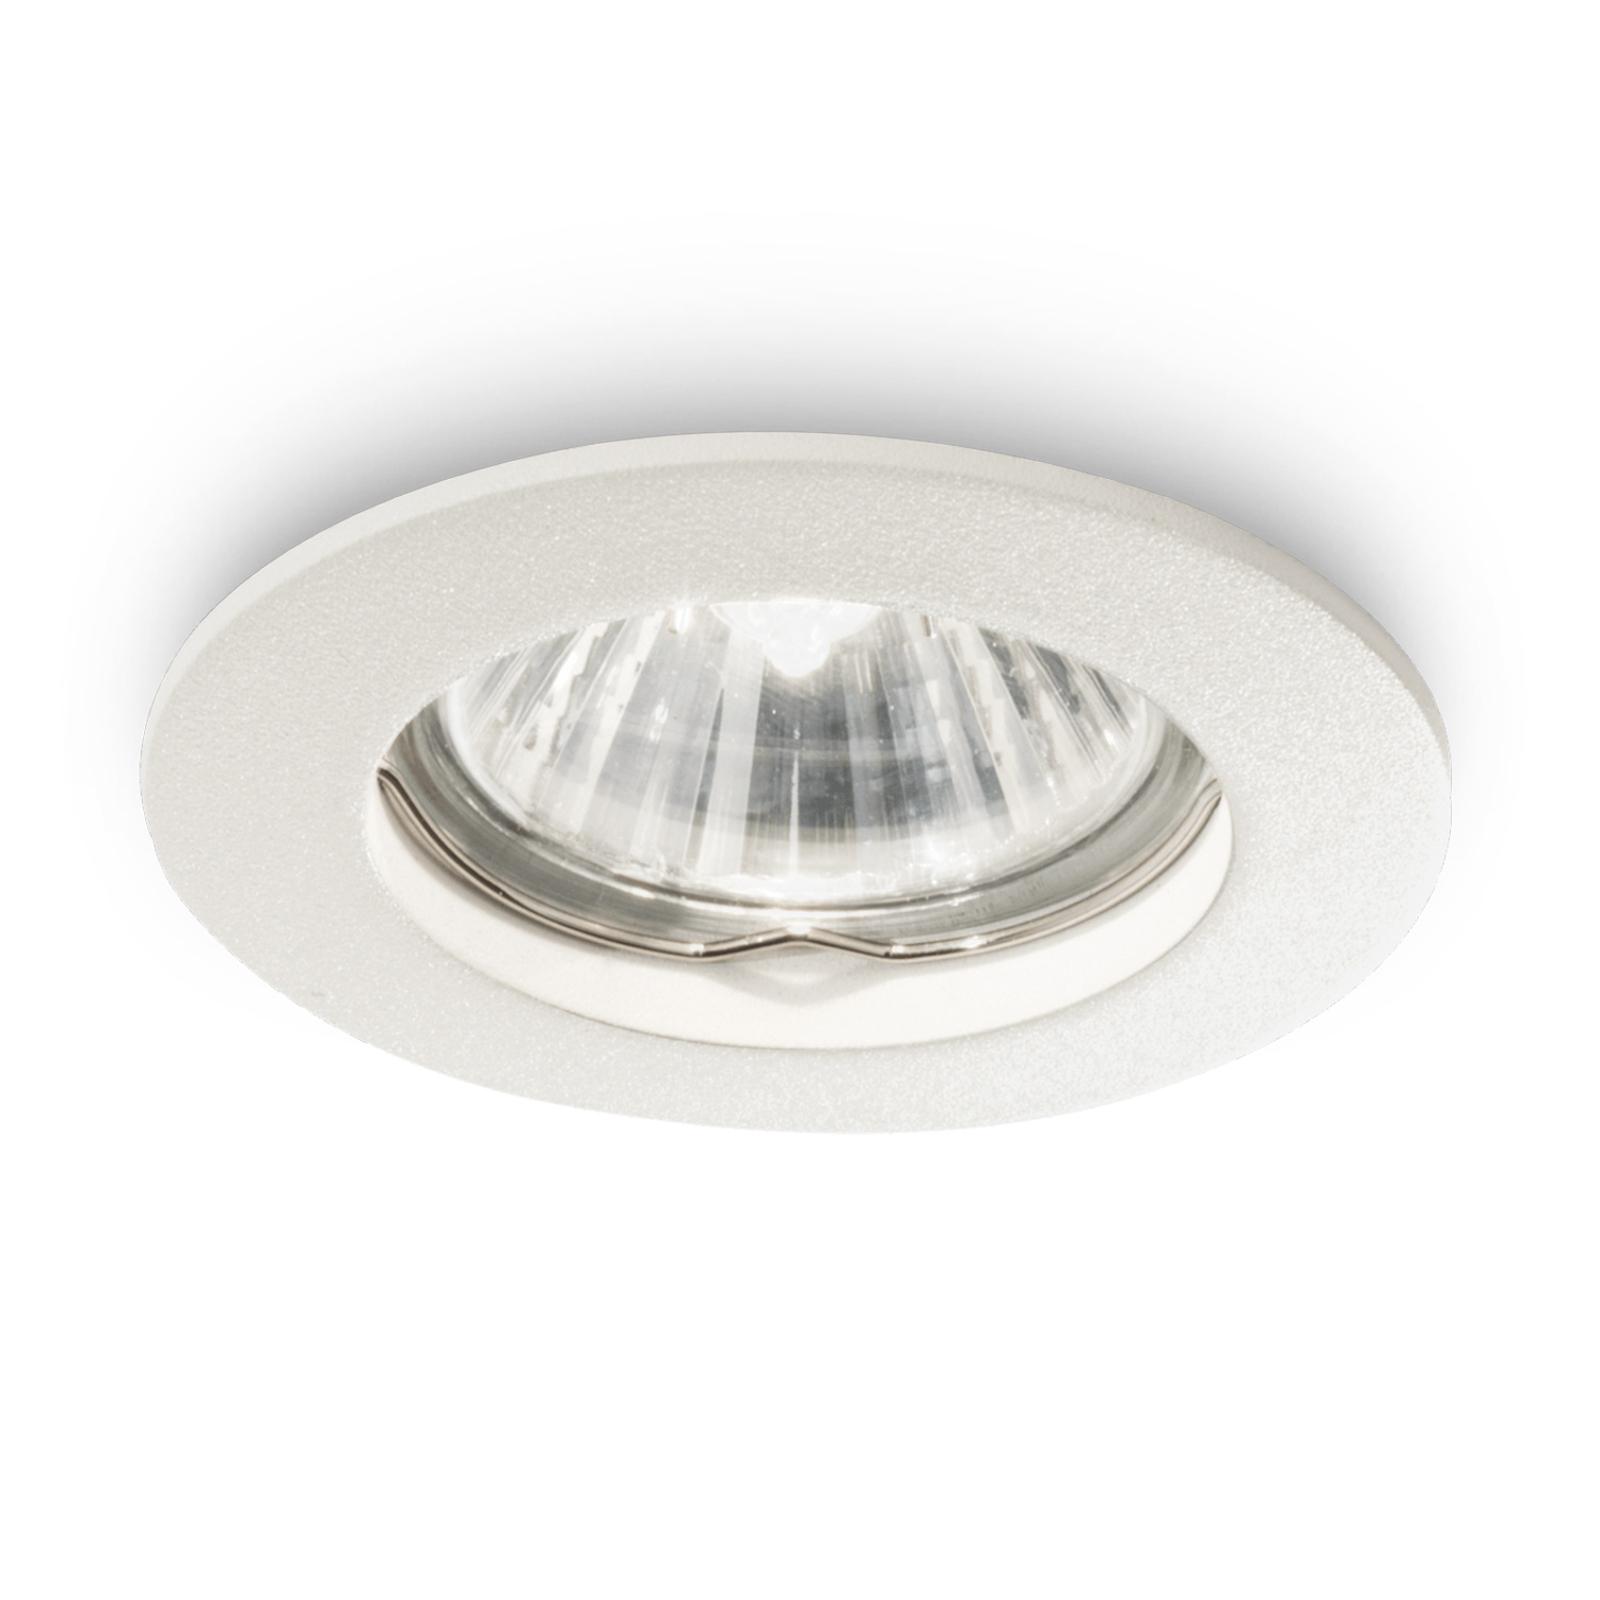 Deckeneinbaulampe Jazz rund, GU10 3er weiß